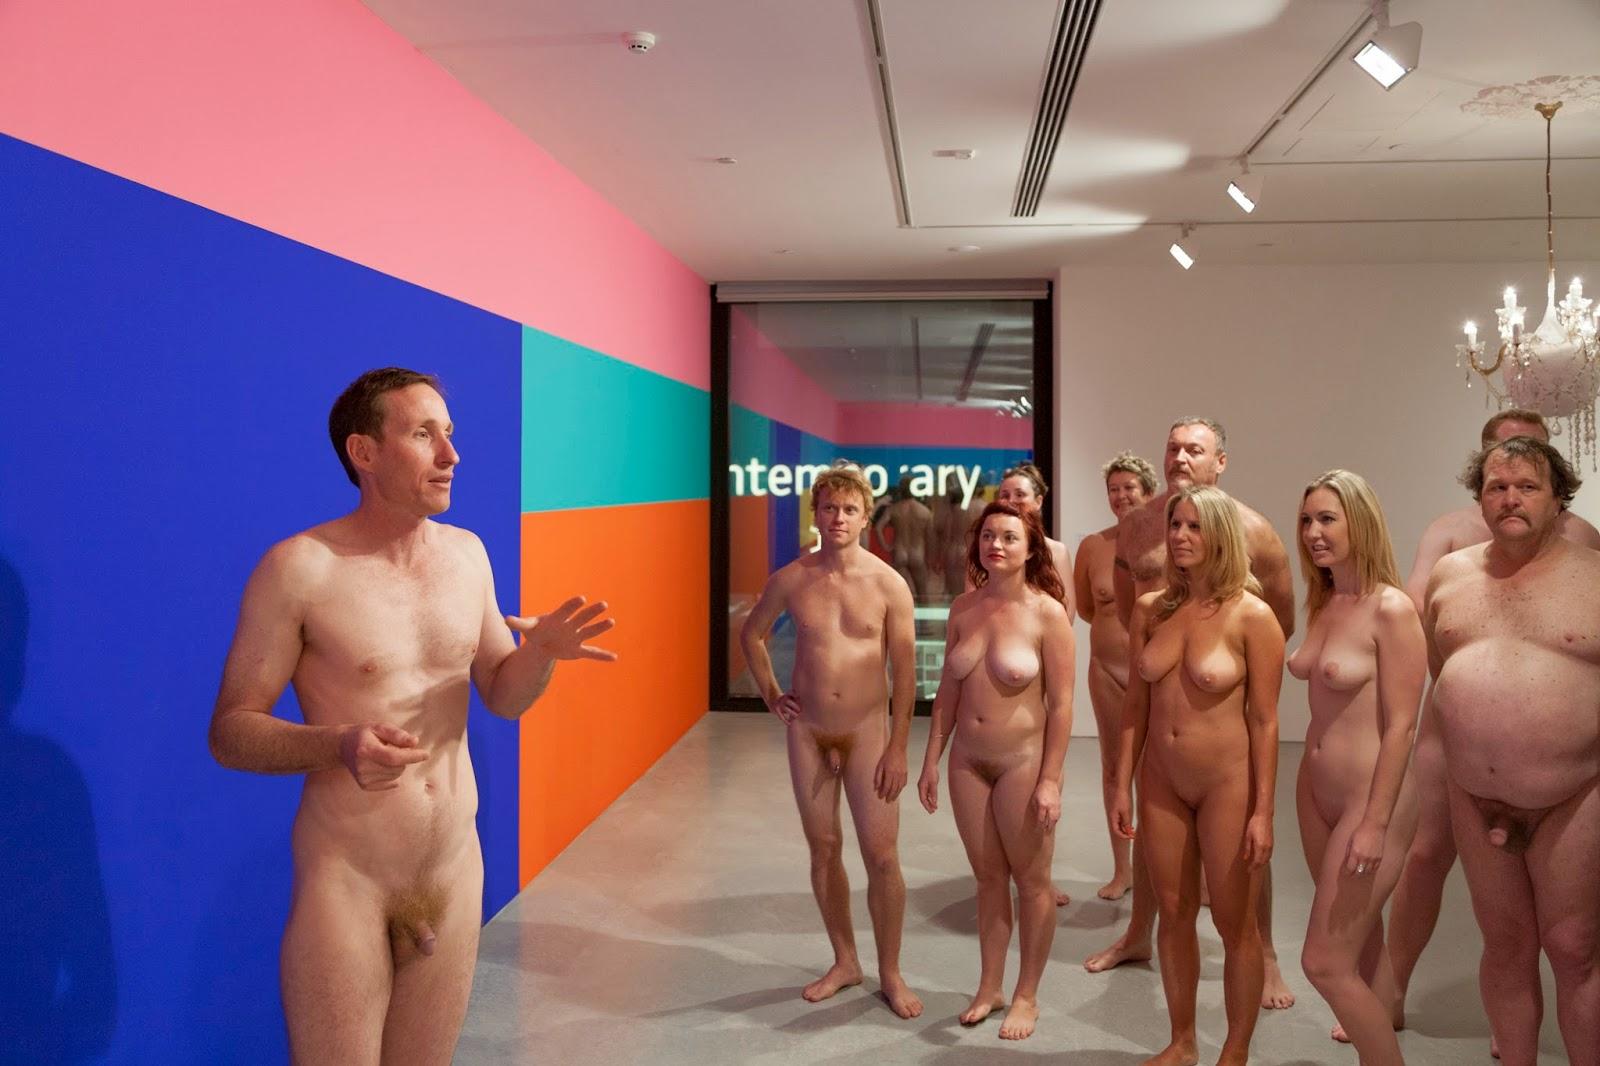 Телепрограммы про голых, Бесплатное порно Голые на тв Популярные 3 фотография